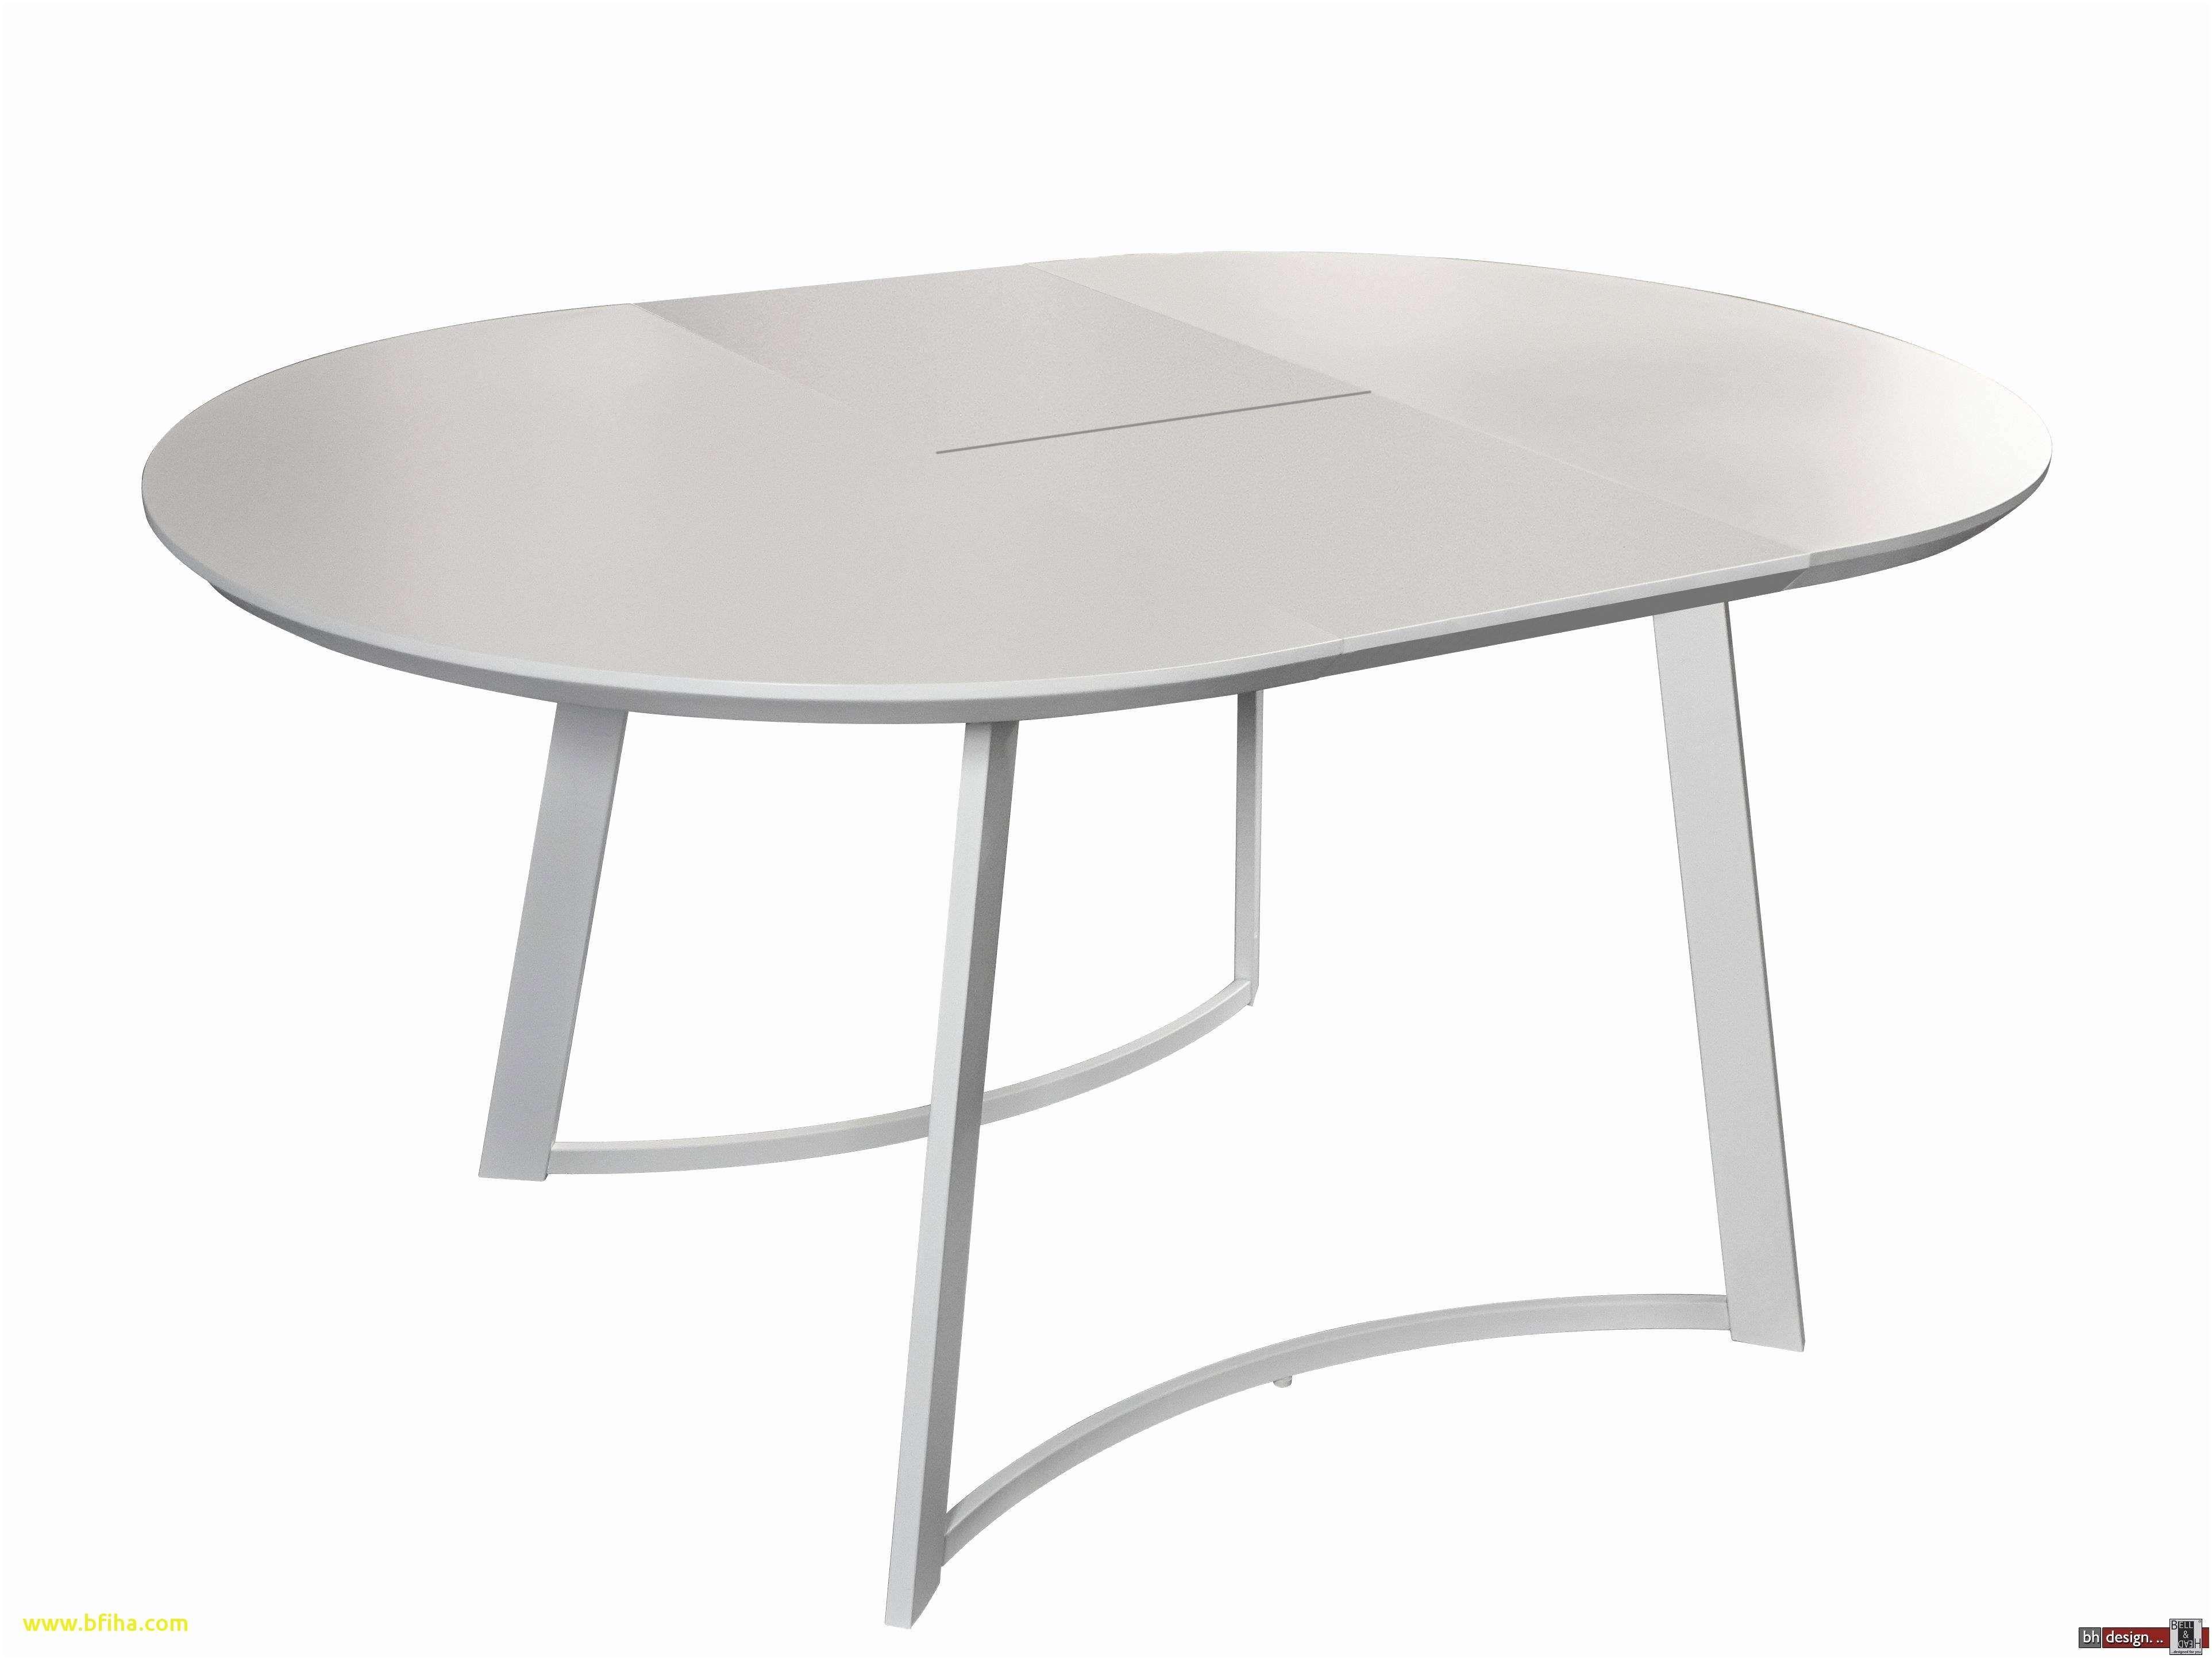 Esstische Ausziehbar Holz Esstisch Ausziehbar In 2020 White Glass Coffee Table Coffee Table Coffee Table Square